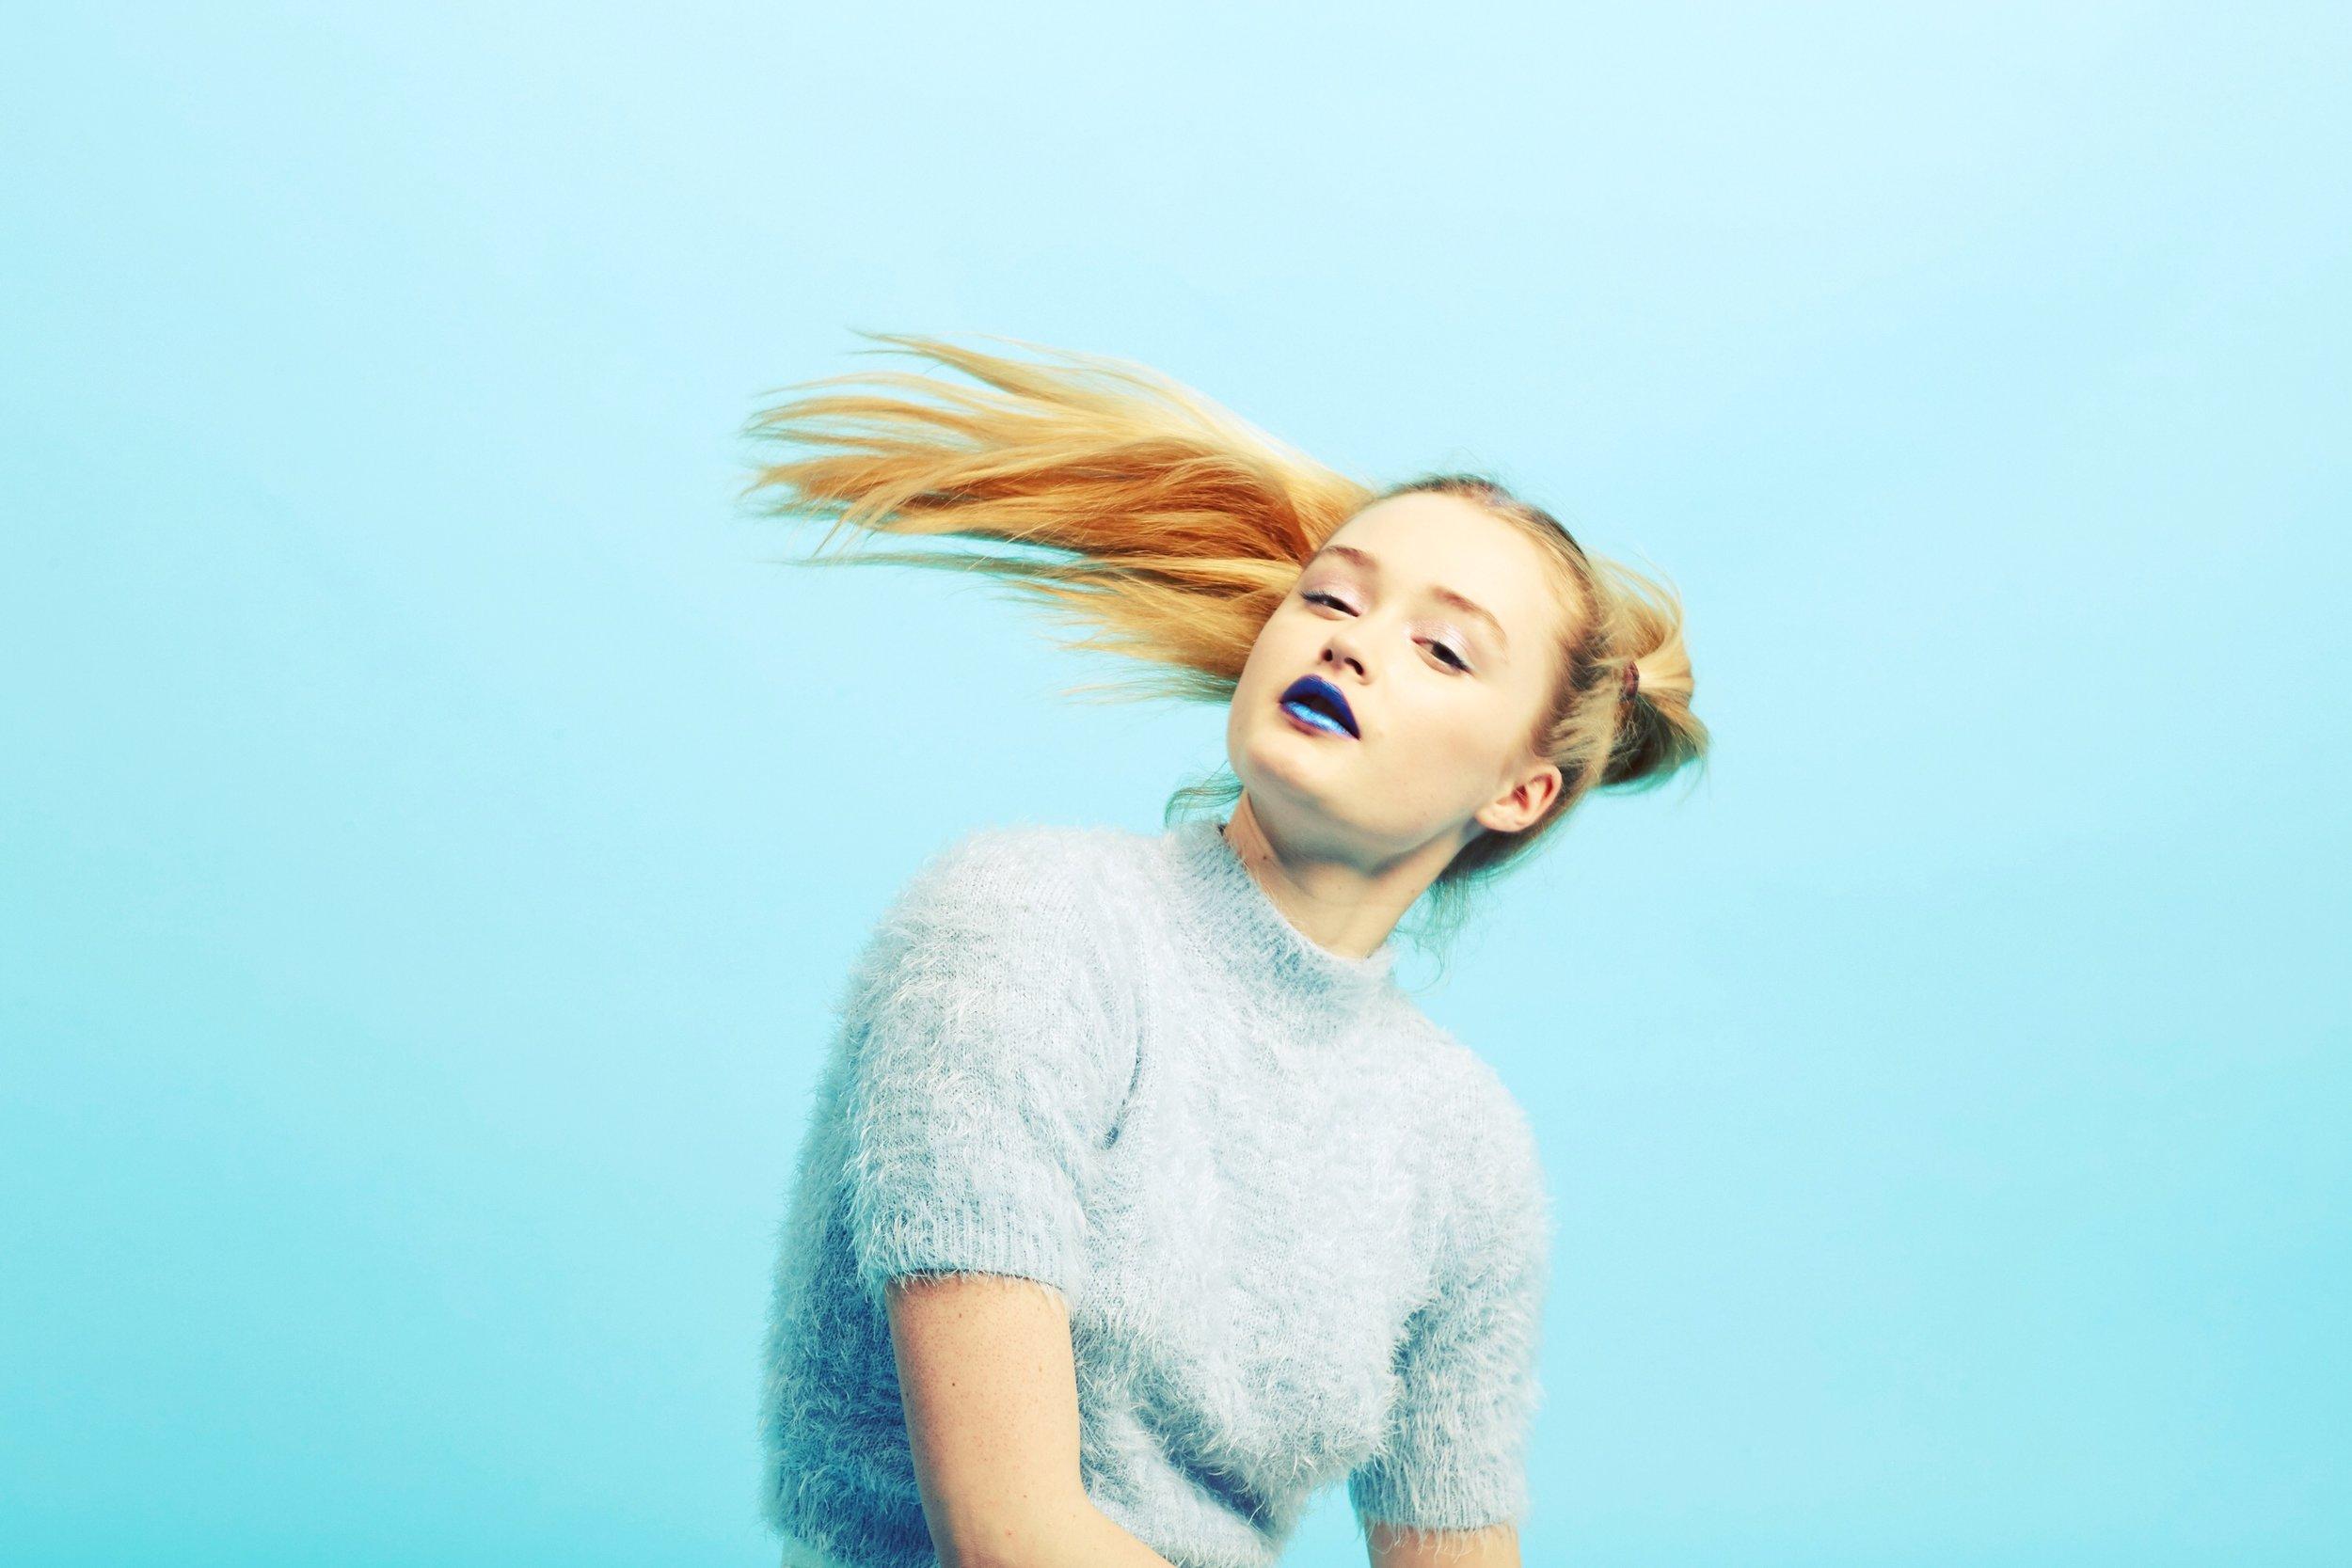 Photography Harriet Rock